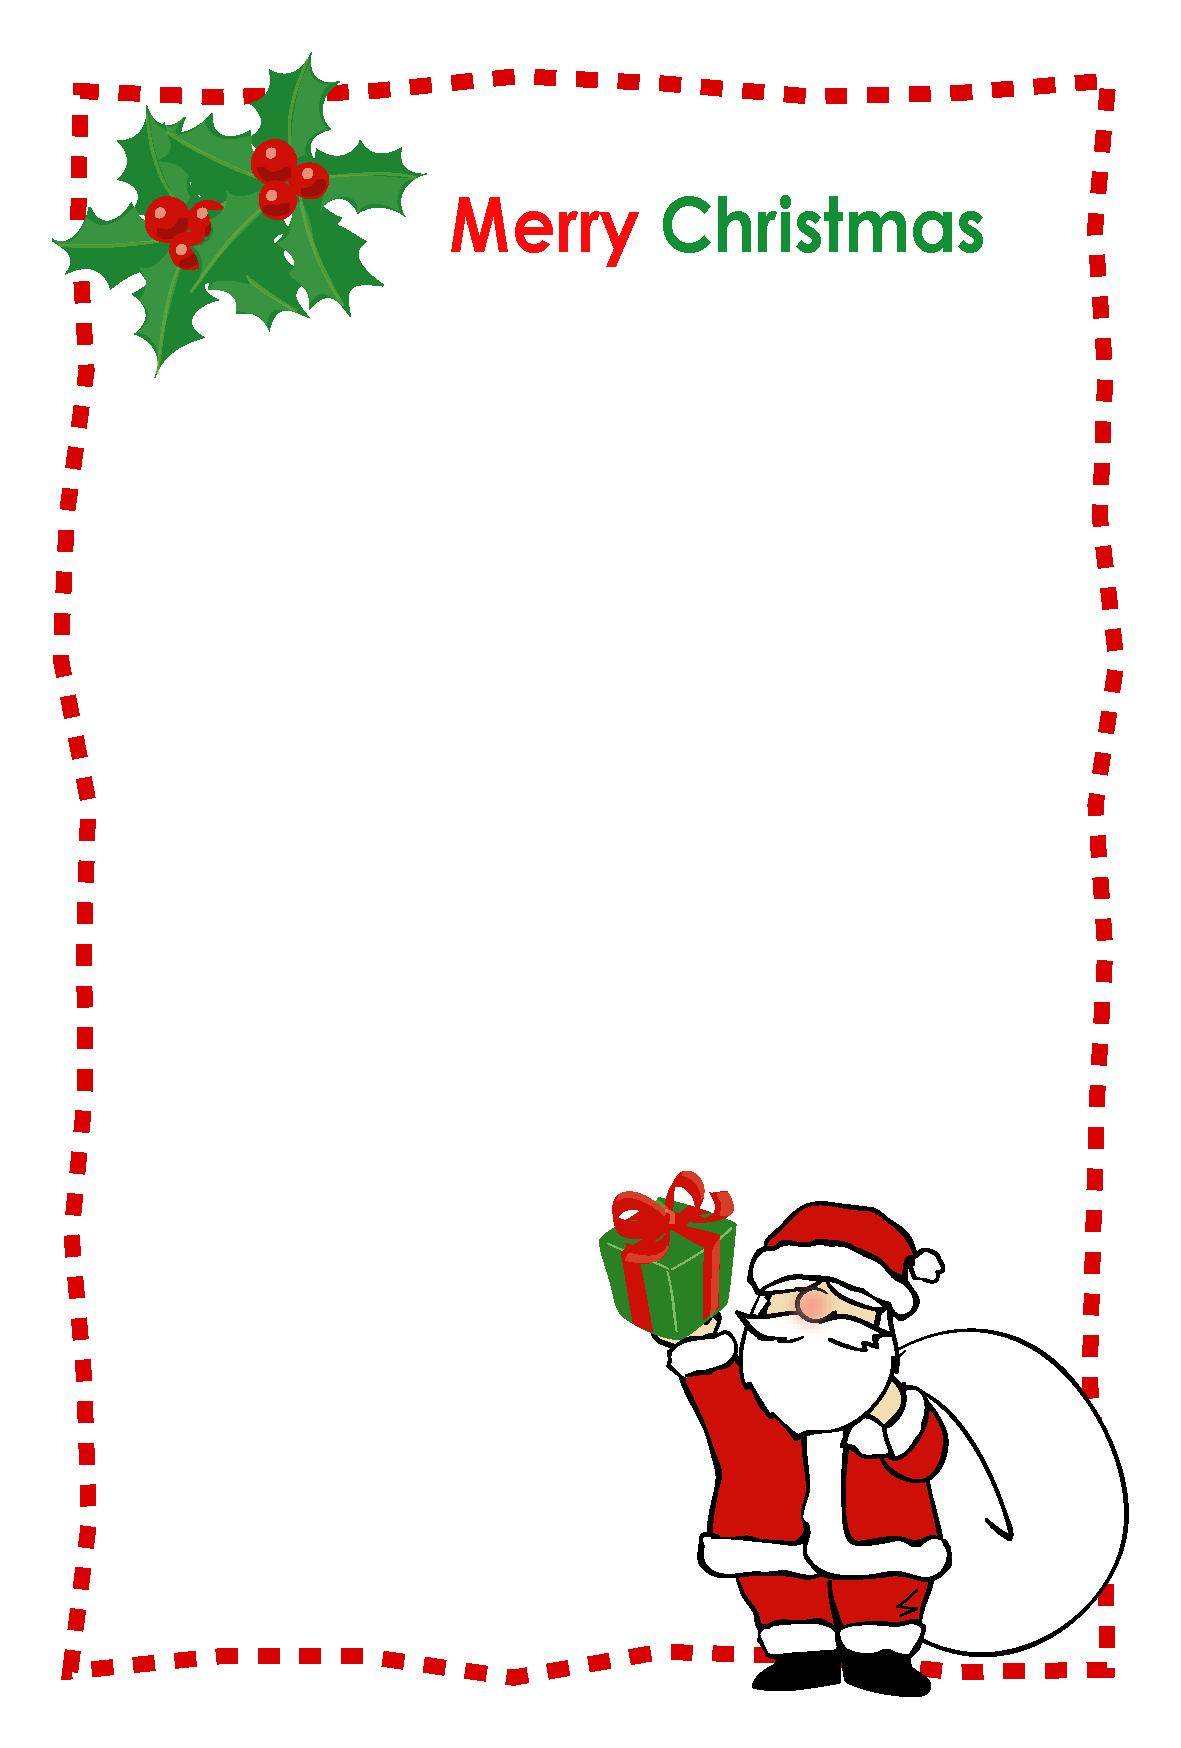 クリスマスカードテンプレート ... : クリスマステンプレート無料 : 無料